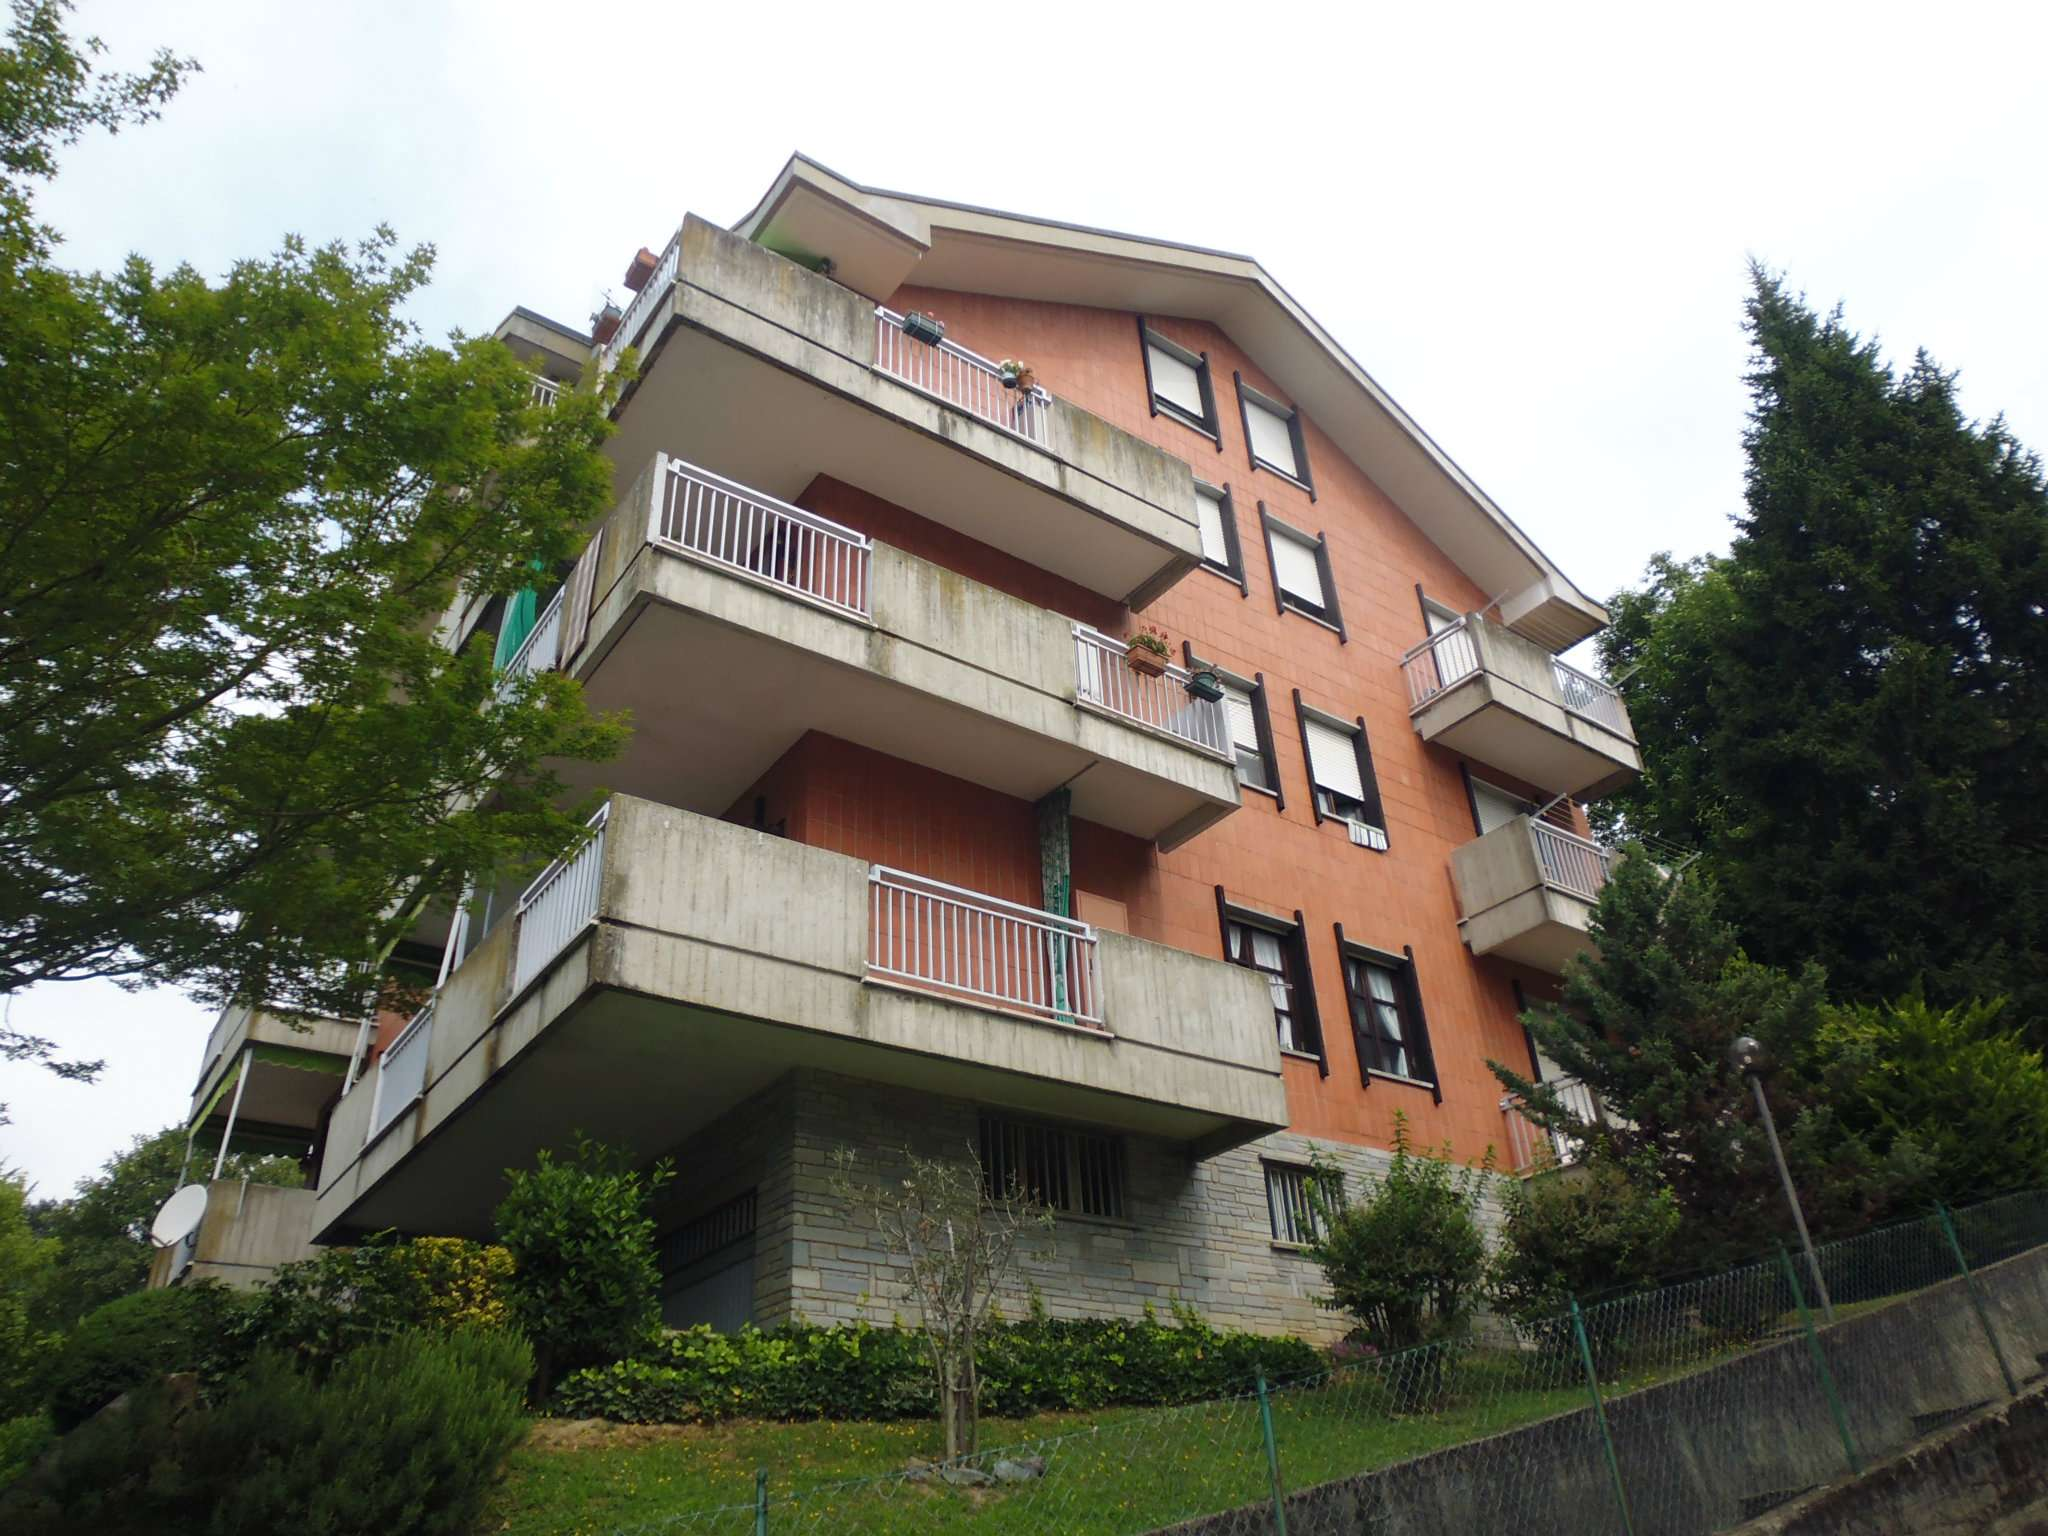 Appartamento in vendita a Coazze, 3 locali, prezzo € 70.000 | PortaleAgenzieImmobiliari.it